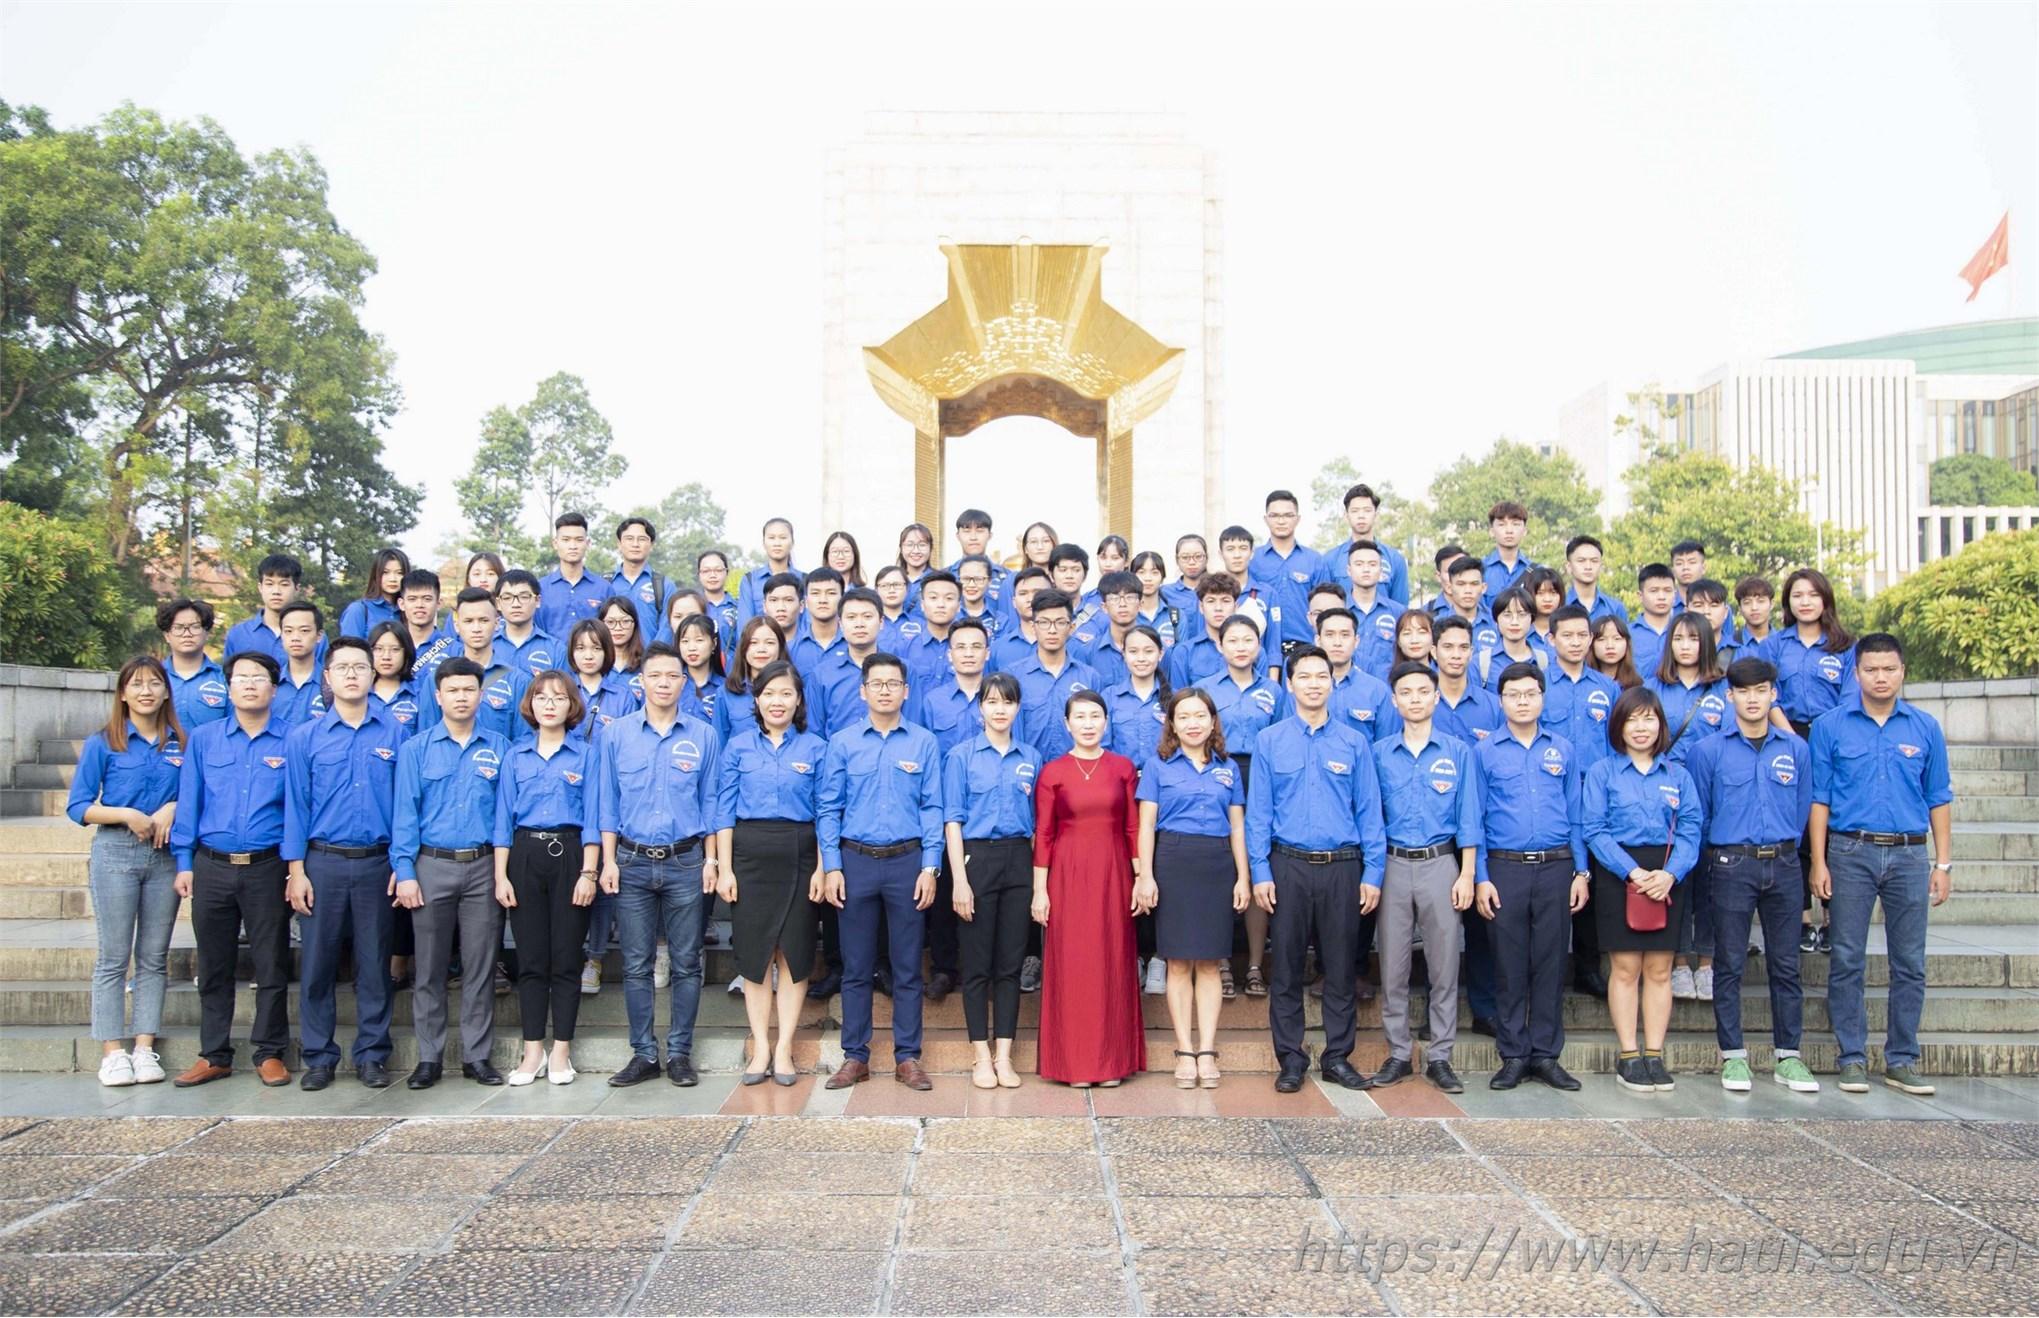 Tháng 3 - Tháng của Tuổi trẻ Việt Nam